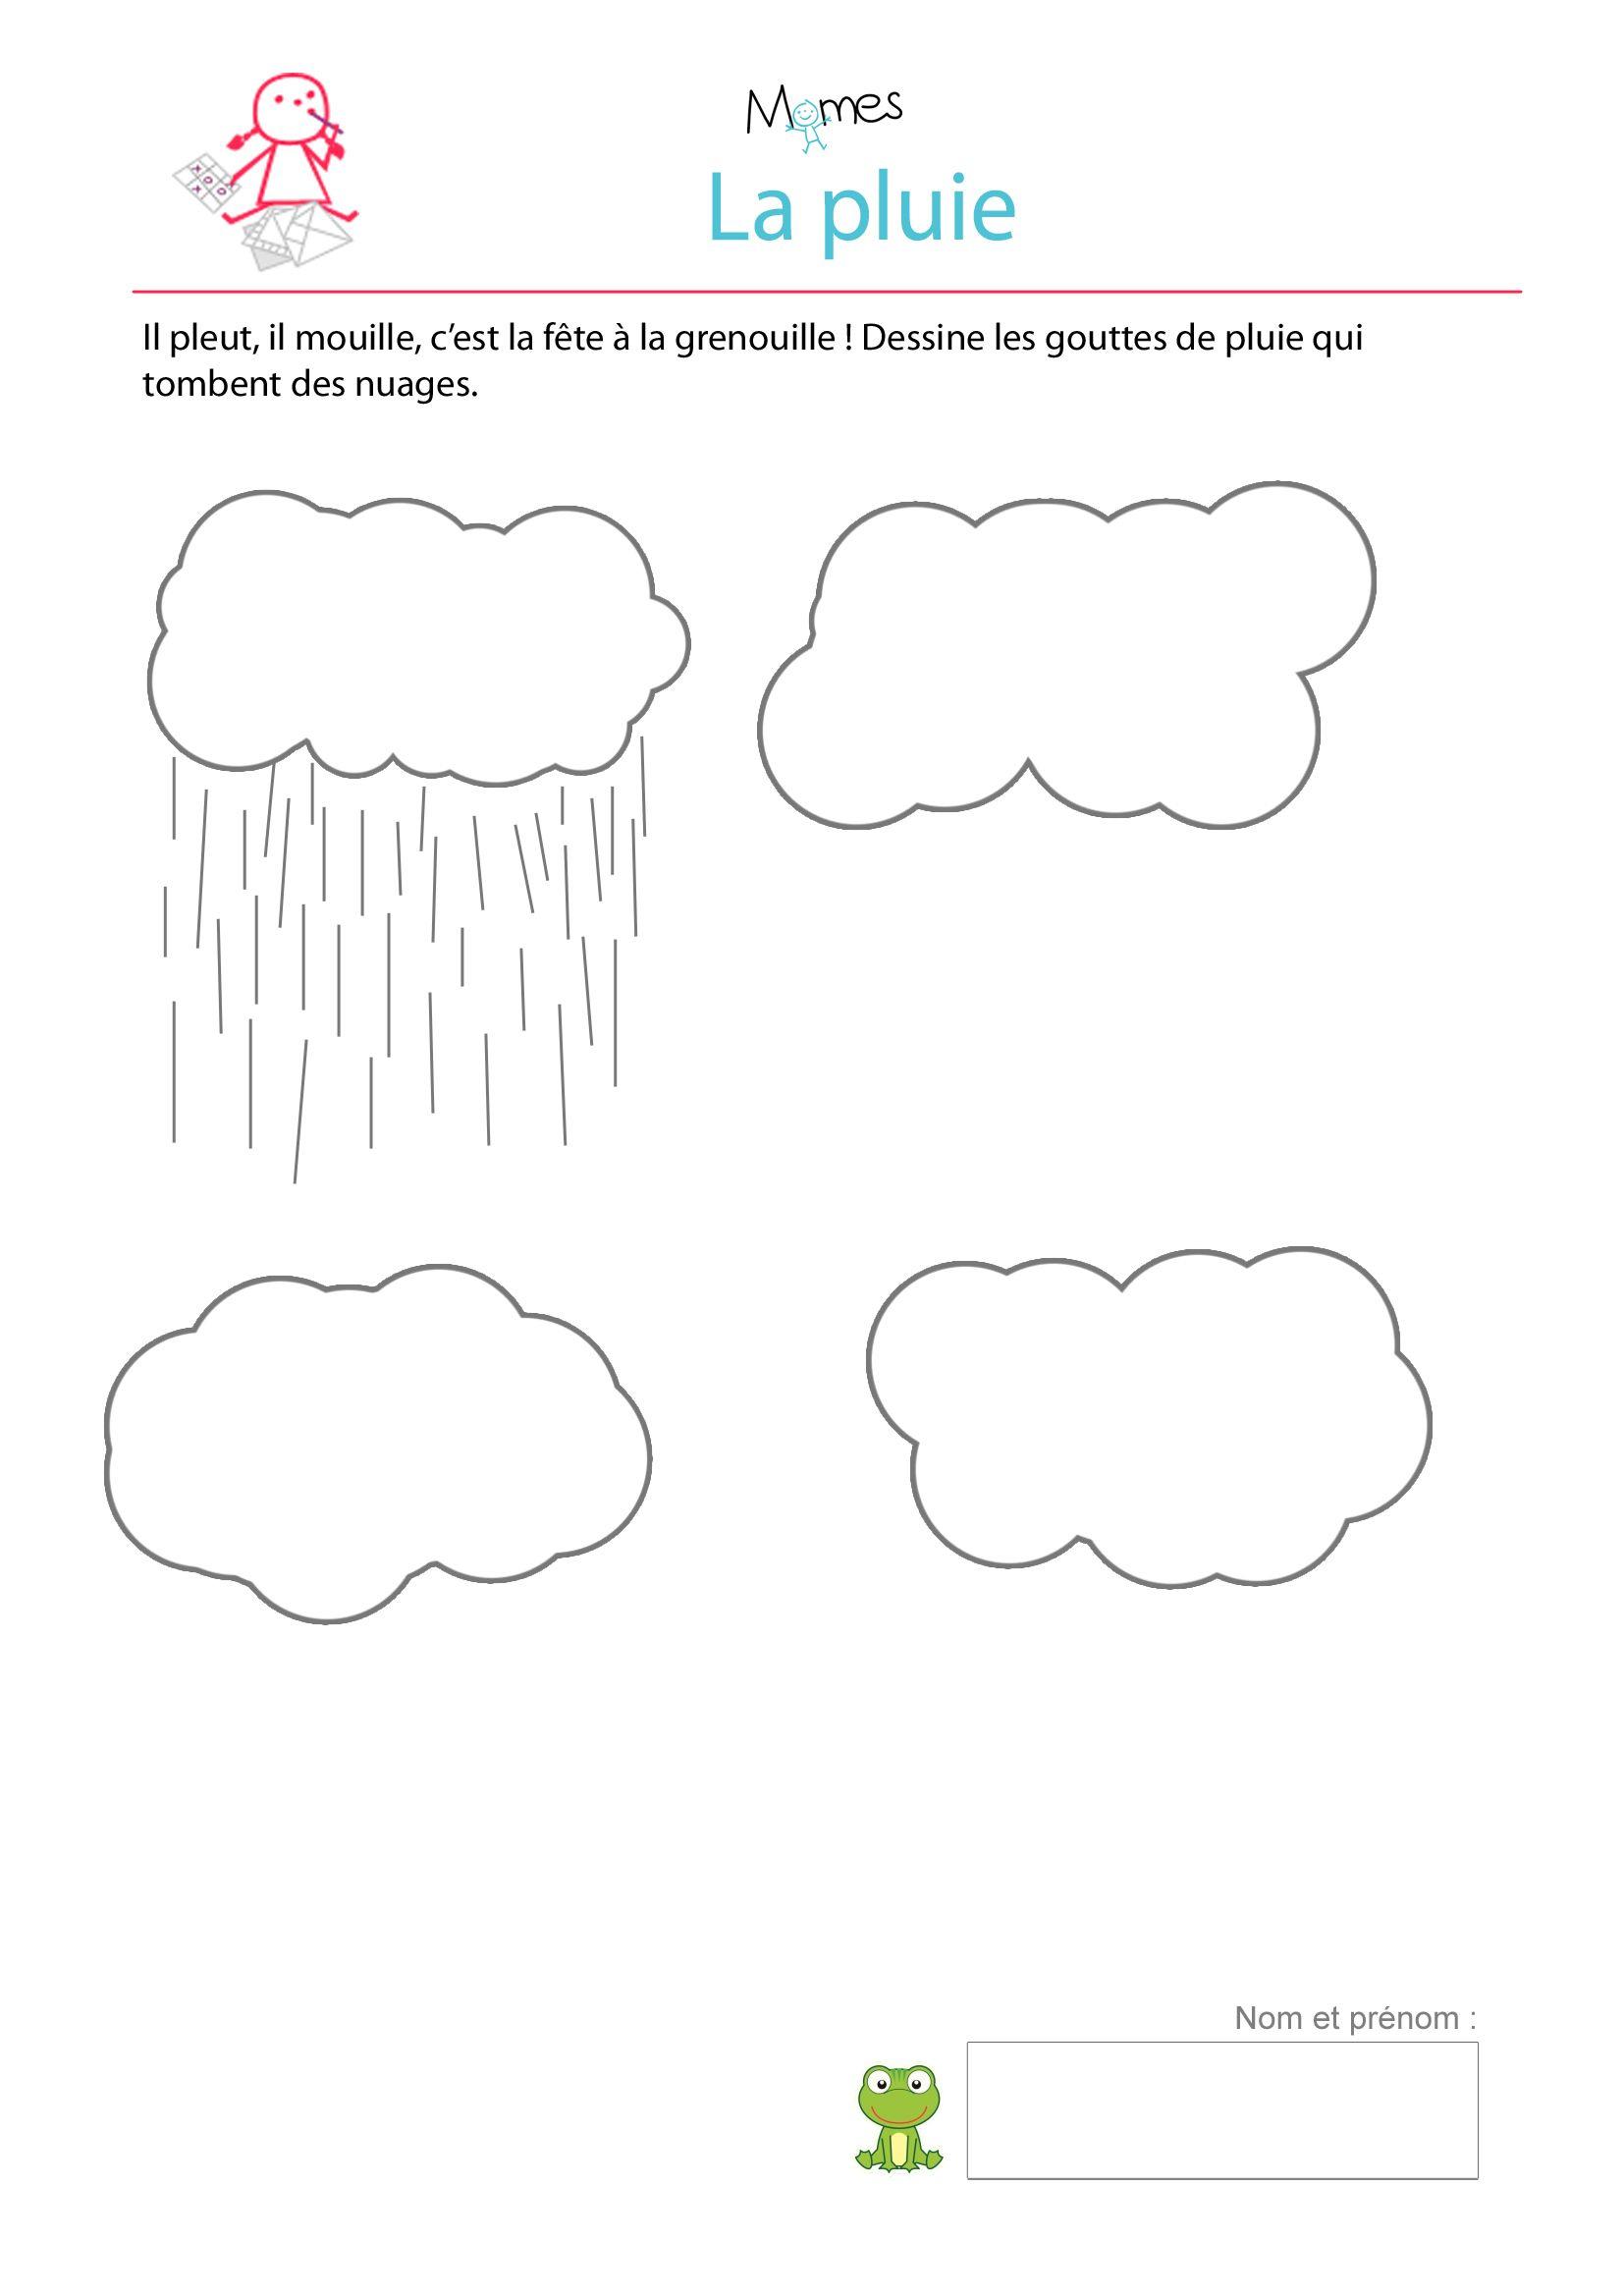 Dessine La Pluie - Exercice À Imprimer | Exercice Petite destiné Exercices Maternelle À Imprimer